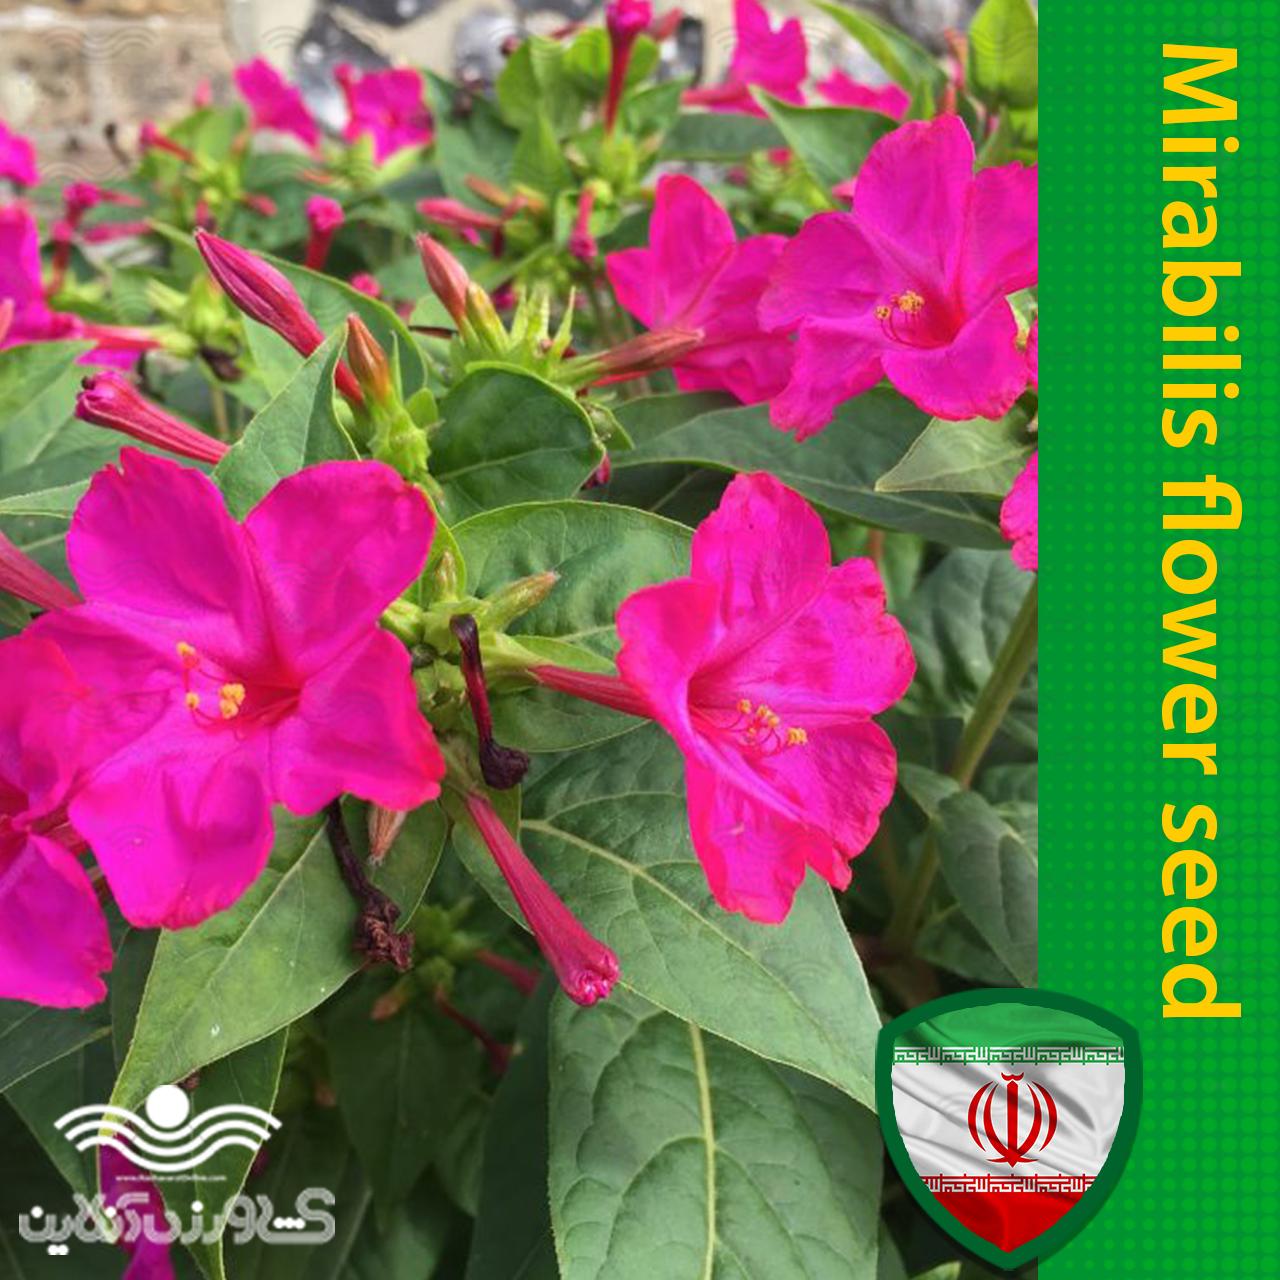 بذر گل لاله عباسی سرخ آبی و روش کاشت آن